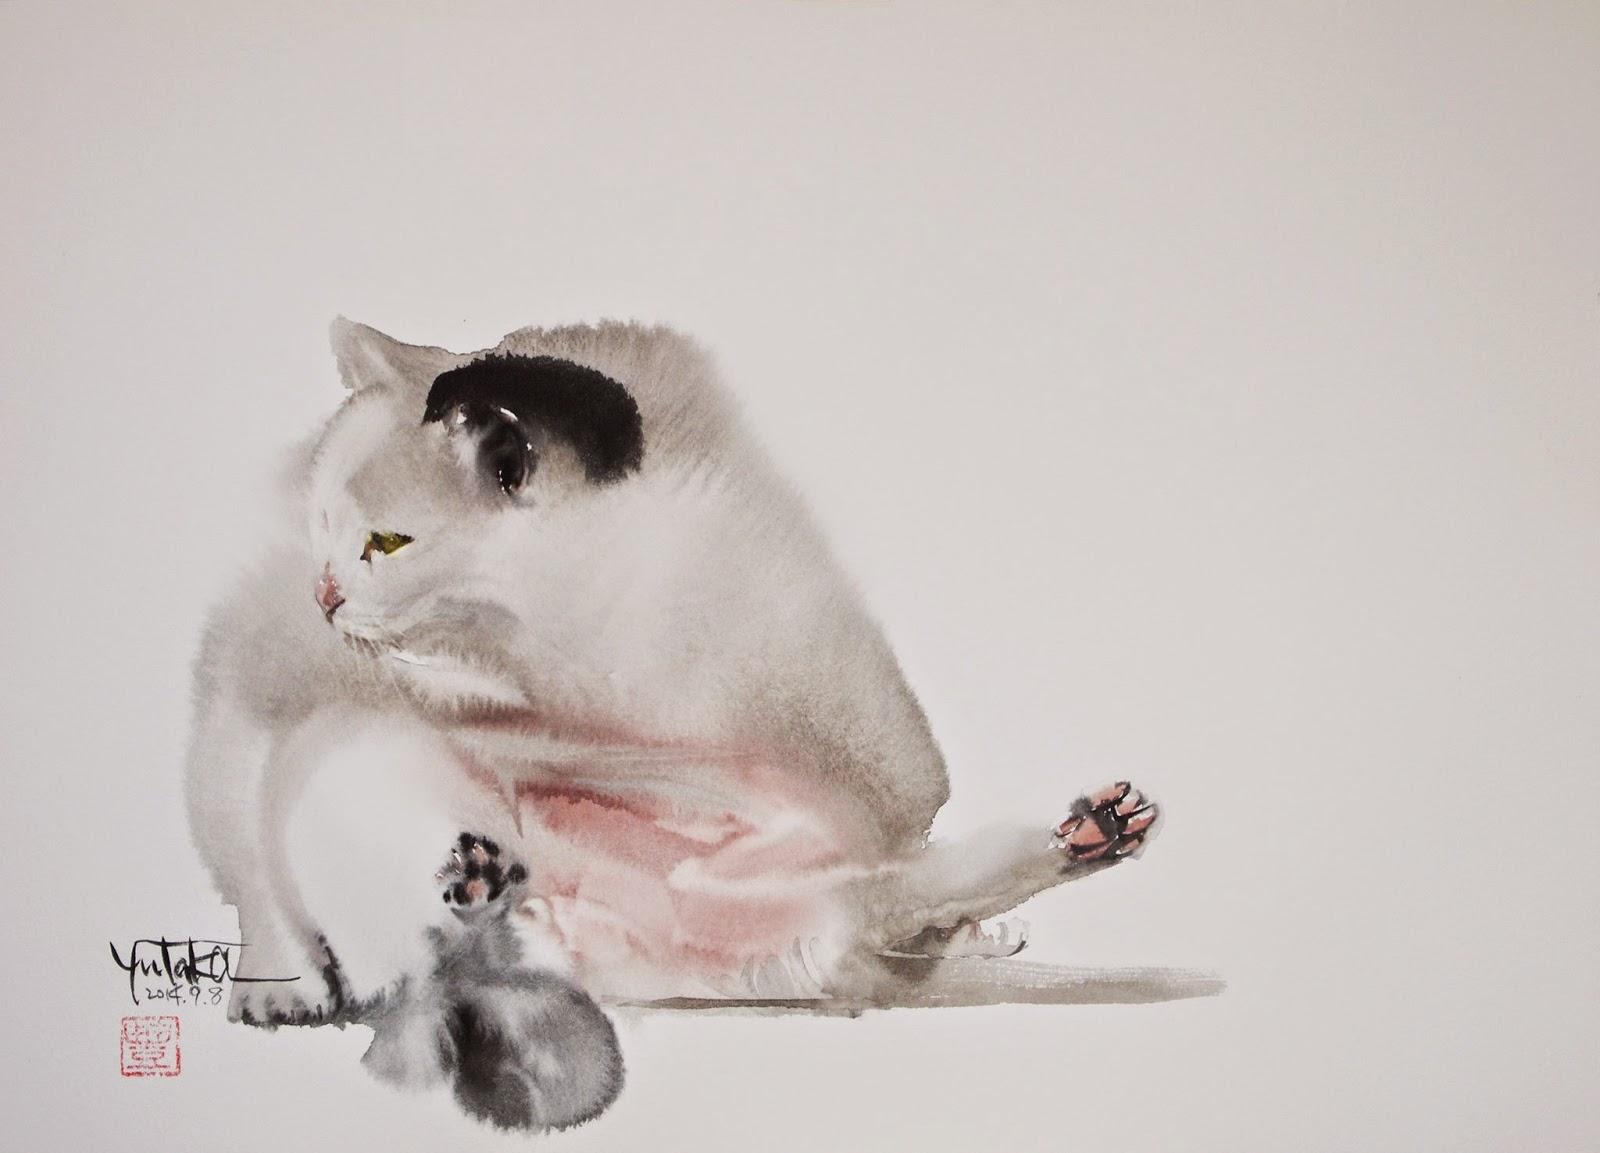 http://1.bp.blogspot.com/-KvkYXU54Eqk/VA1xZOnTuWI/AAAAAAAAEh0/Md-GS2F3wl0/s1600/Yutaka2.jpg